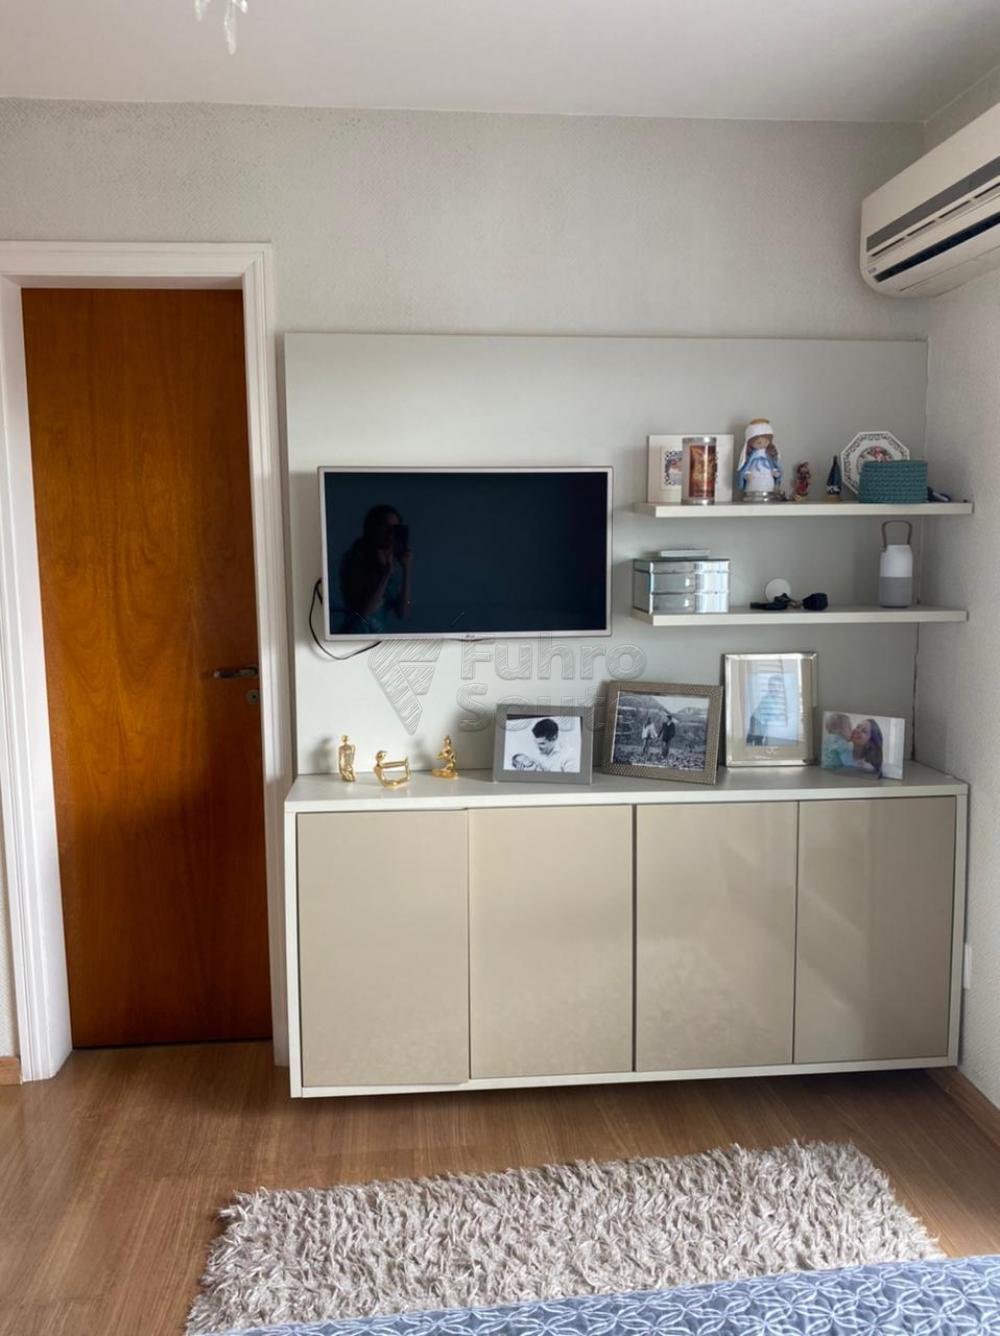 Comprar Apartamento / Padrão em Pelotas R$ 548.000,00 - Foto 12